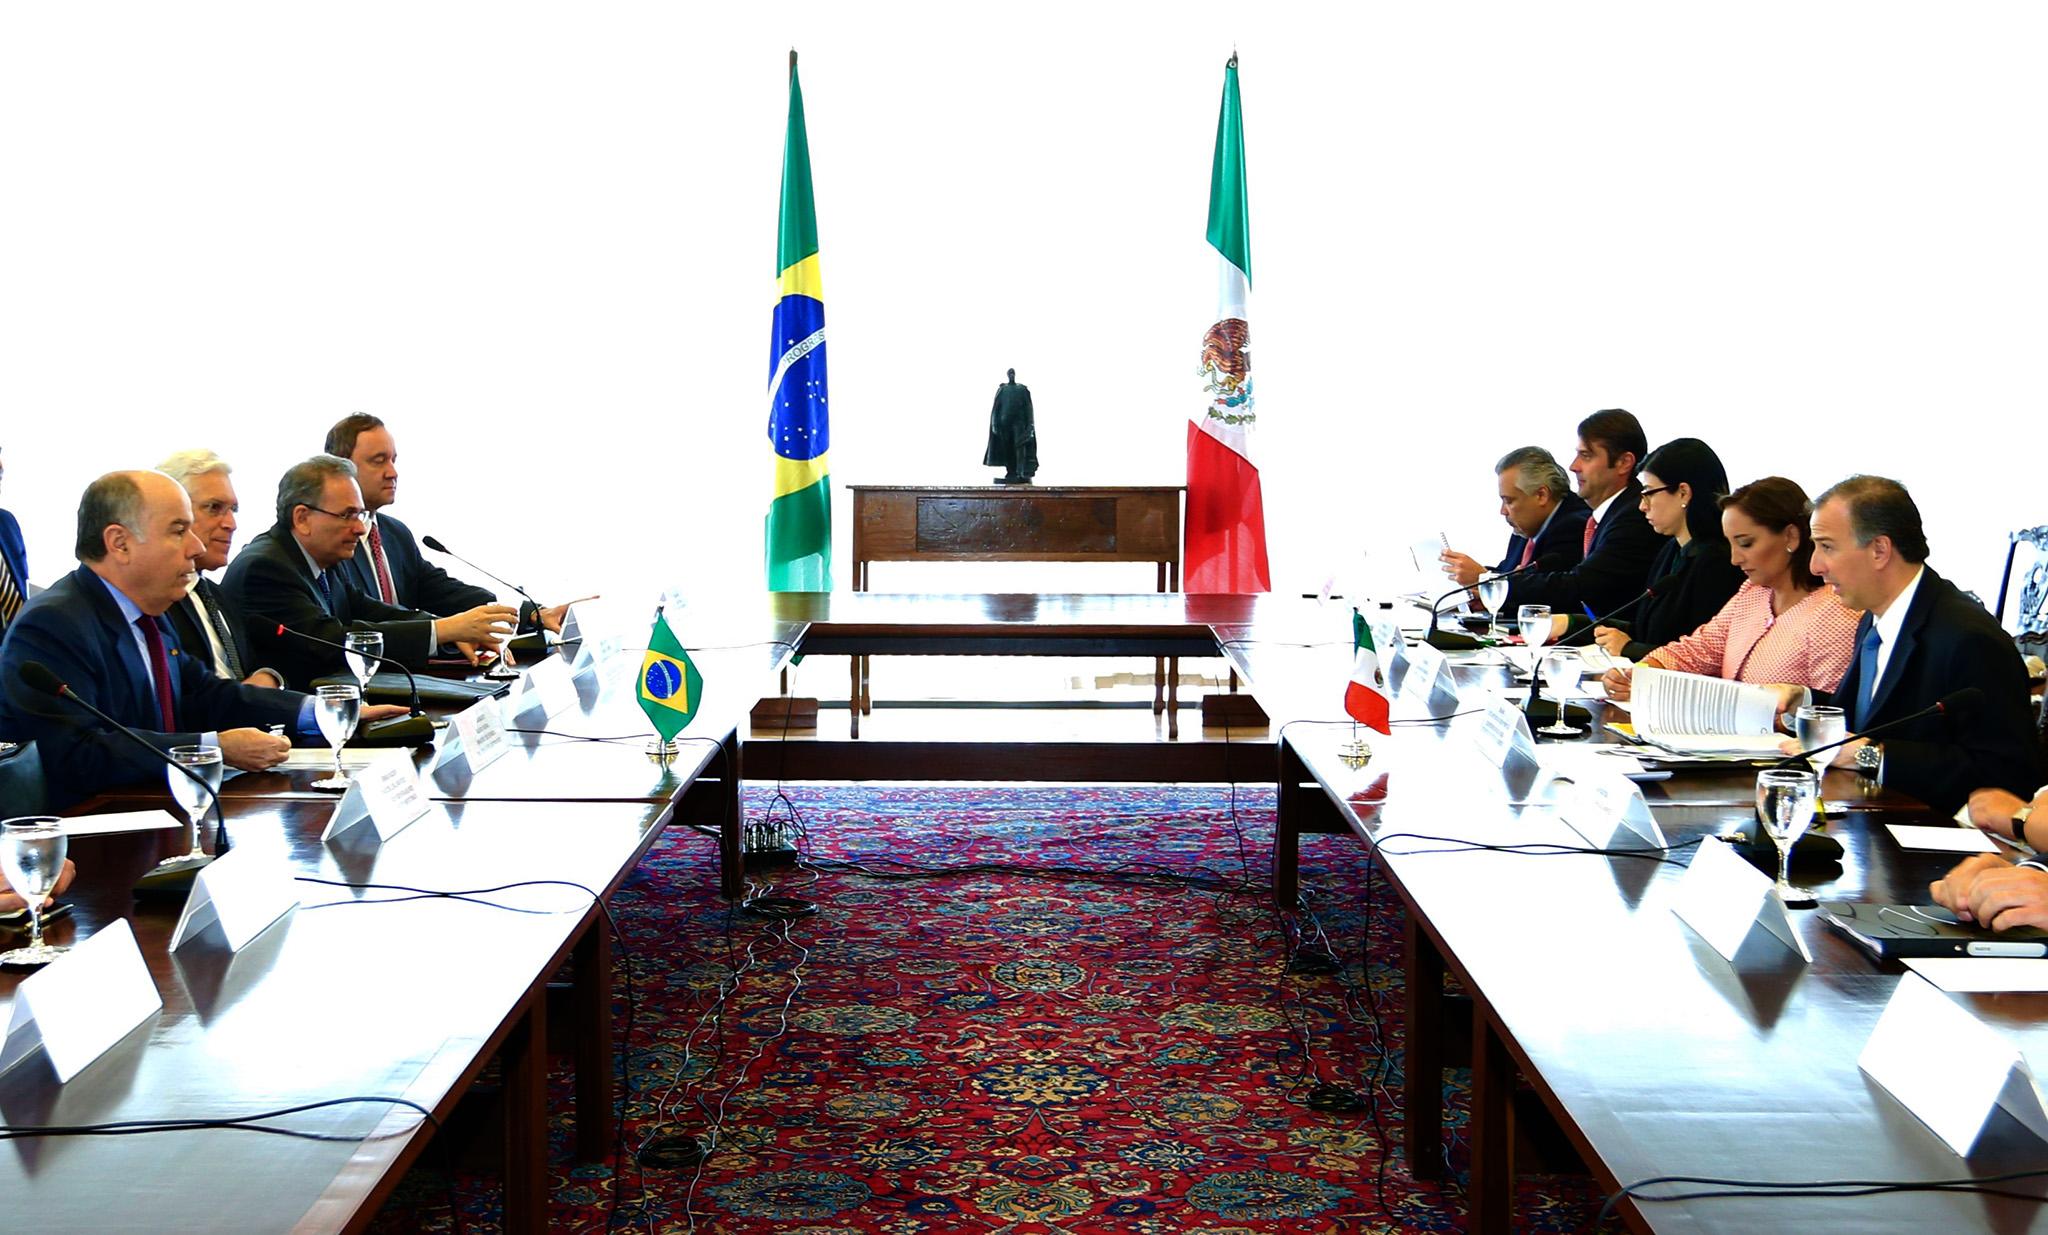 La Secretaria de Turismo, Claudia Ruiz Massieu, concluye visita de trabajo a Brasil.